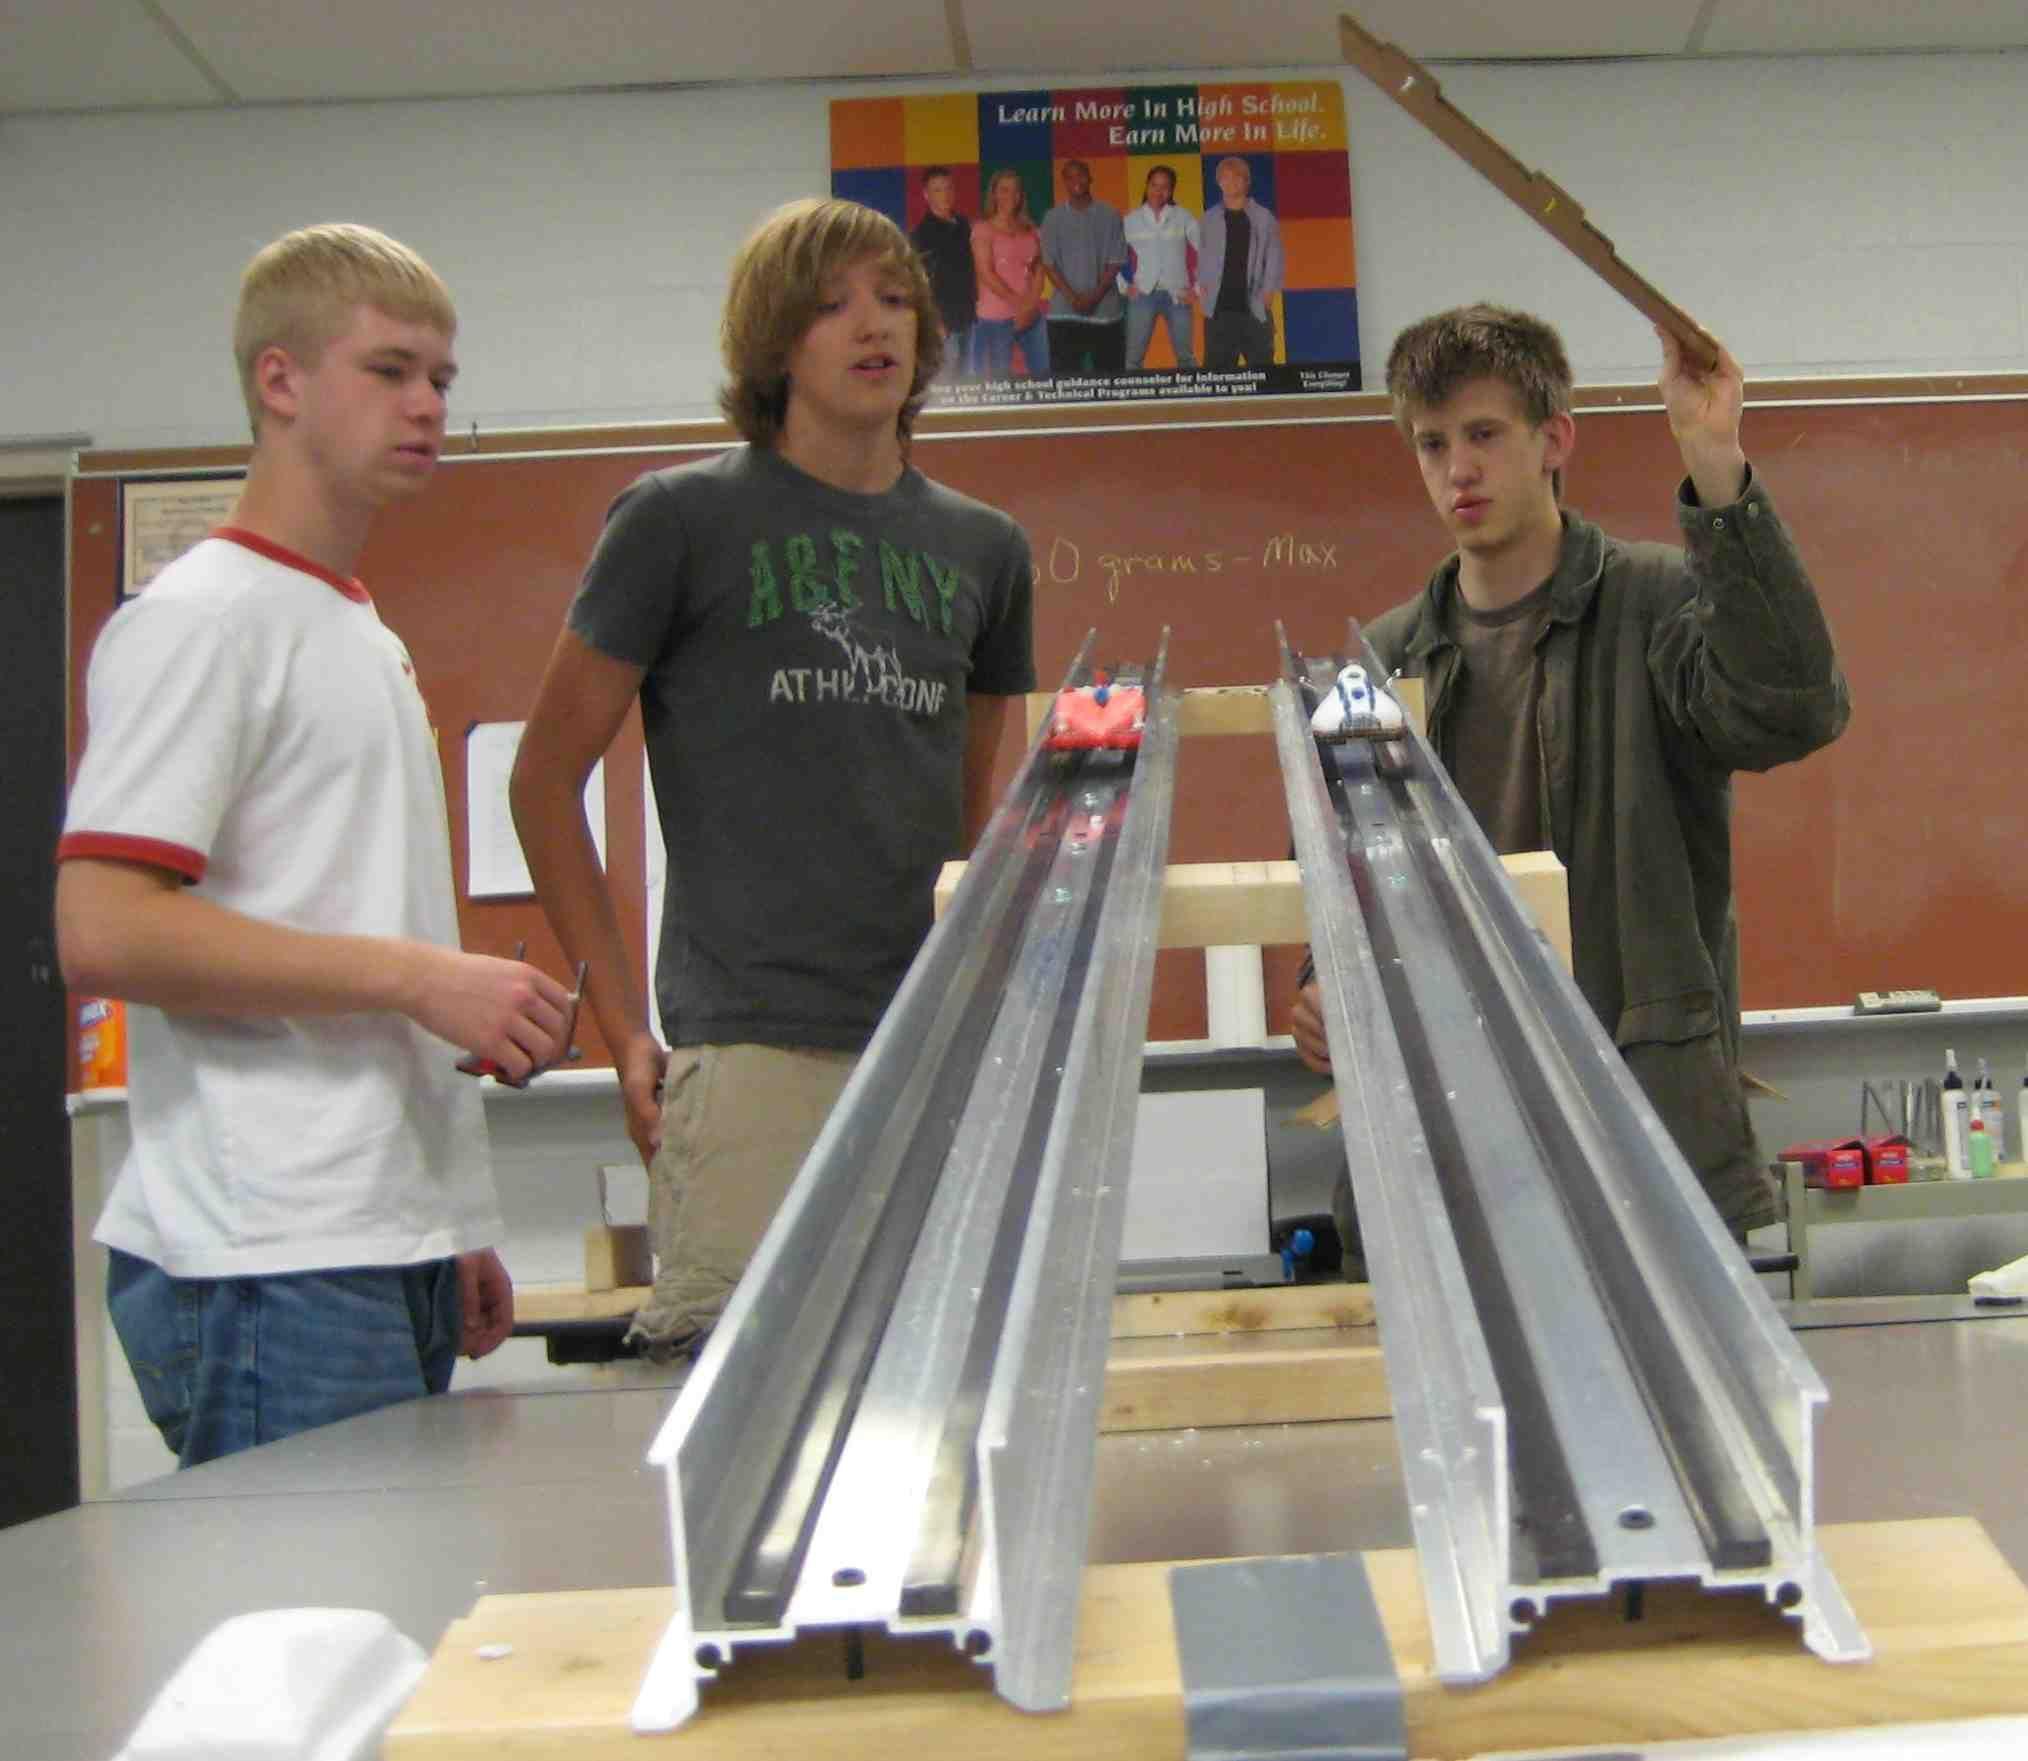 Maglev Vehicles Maglev Is Short For Magnetic Levitation